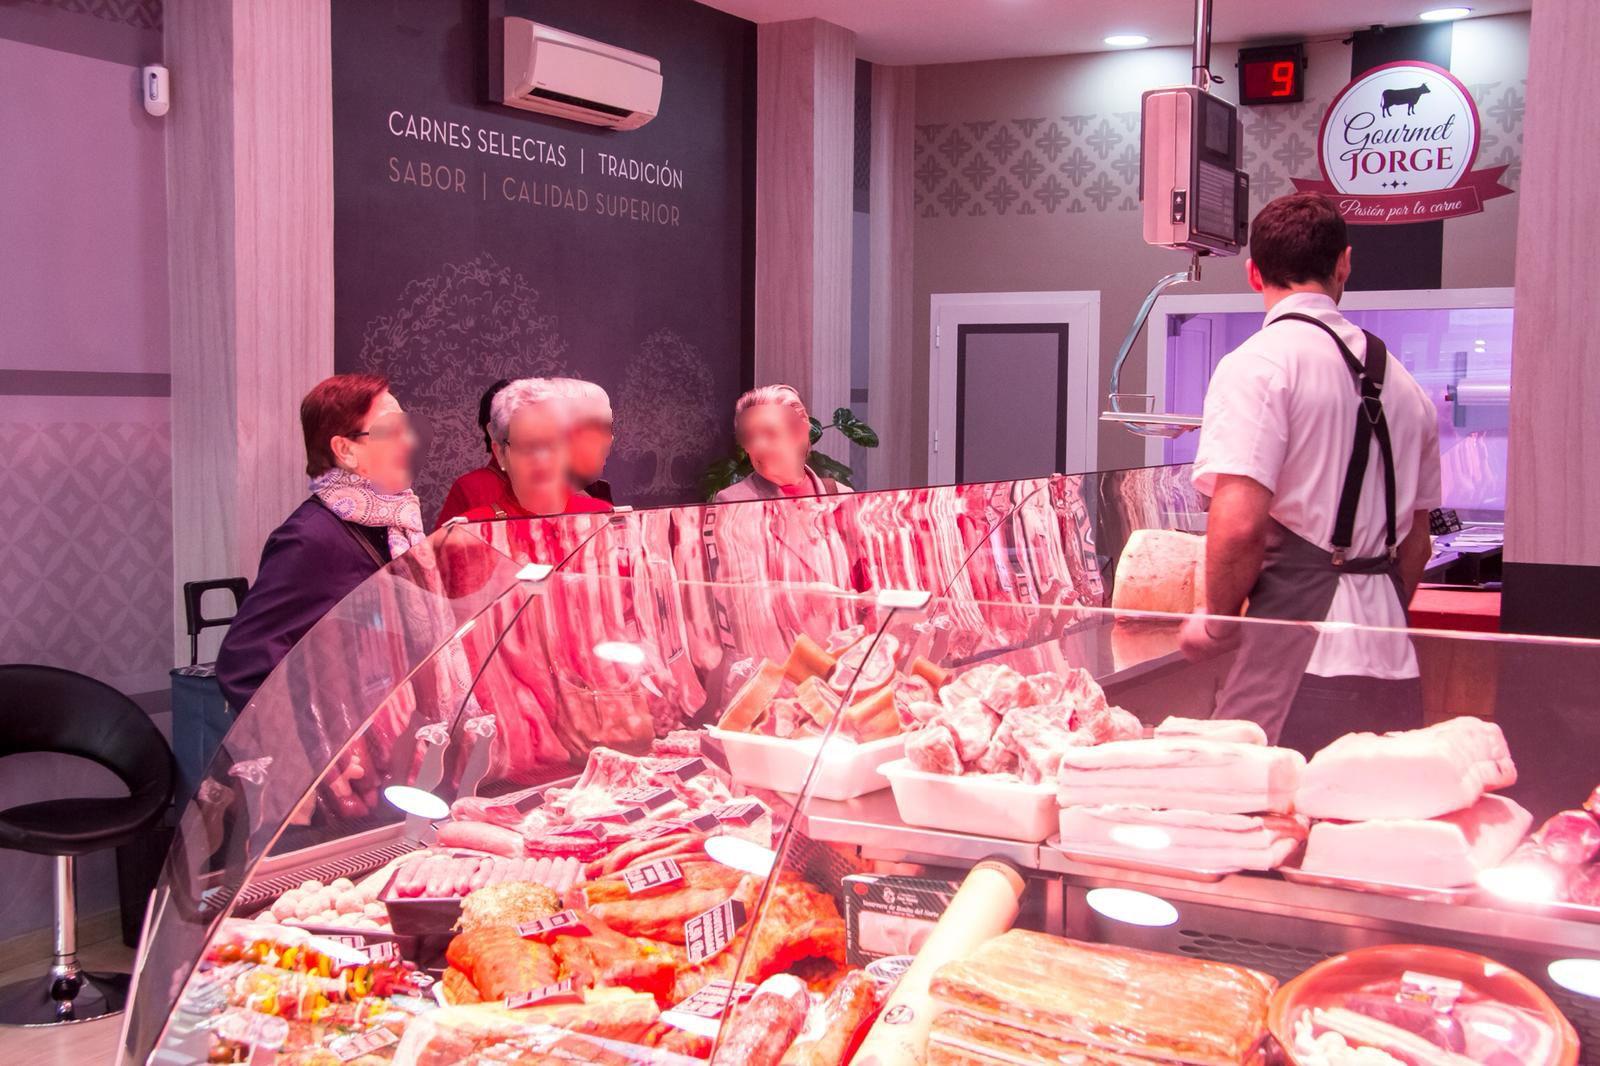 Foto 9 de Carnicerías en    Gourmet Jorge